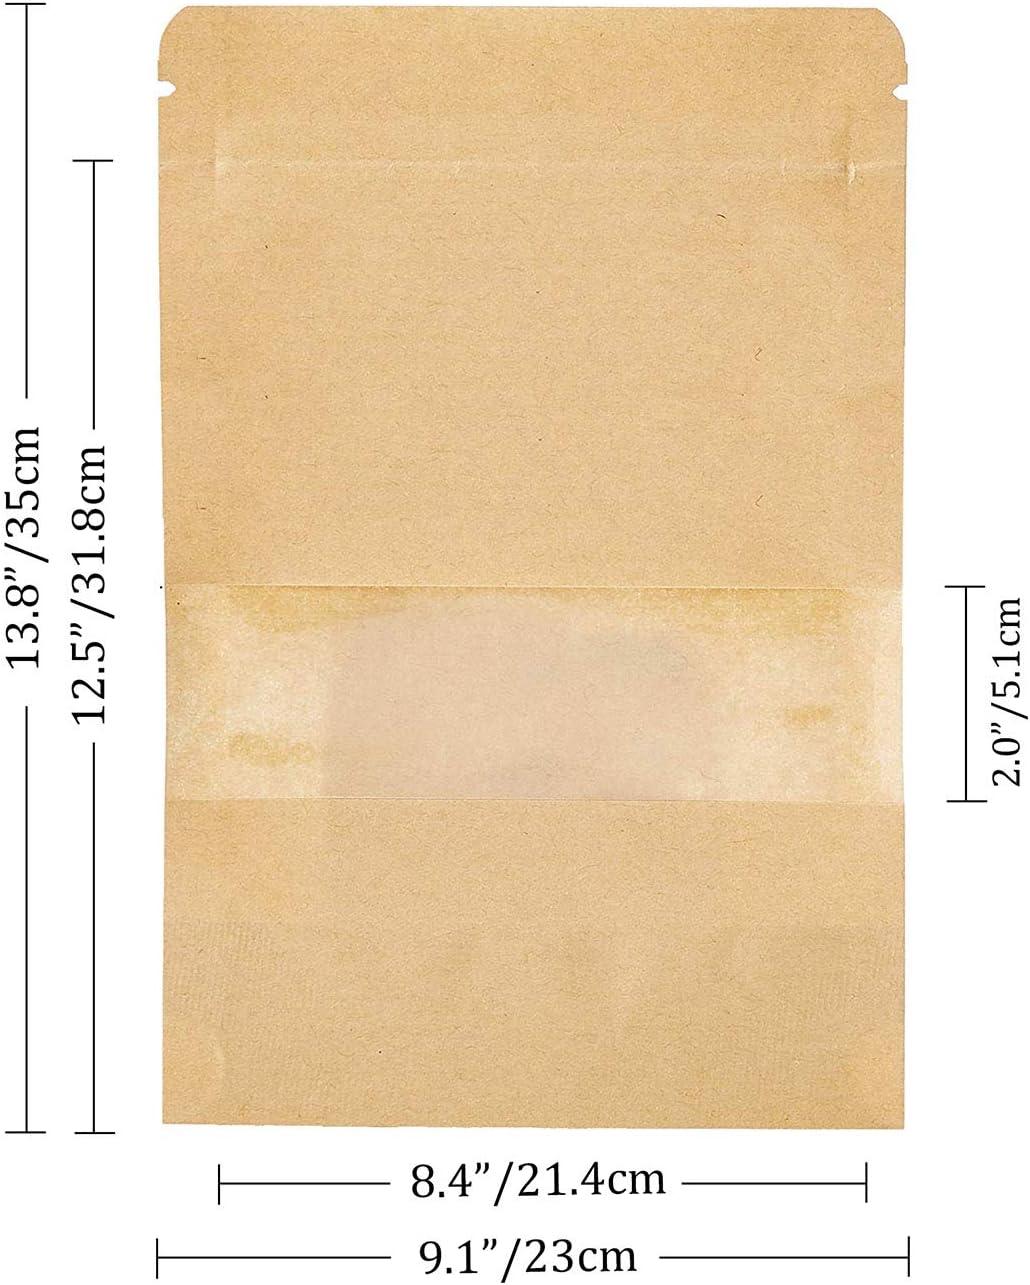 meridy 100Pcs Sacchetto di Carta Kraft Autosigillante Marrone Stand Up con Finestra Trasparente Zipper con Chiusura Sacchetti Usato per Conservare Il Cibo Pane Chicchi di caff/è Noccioline Snack9*14cm